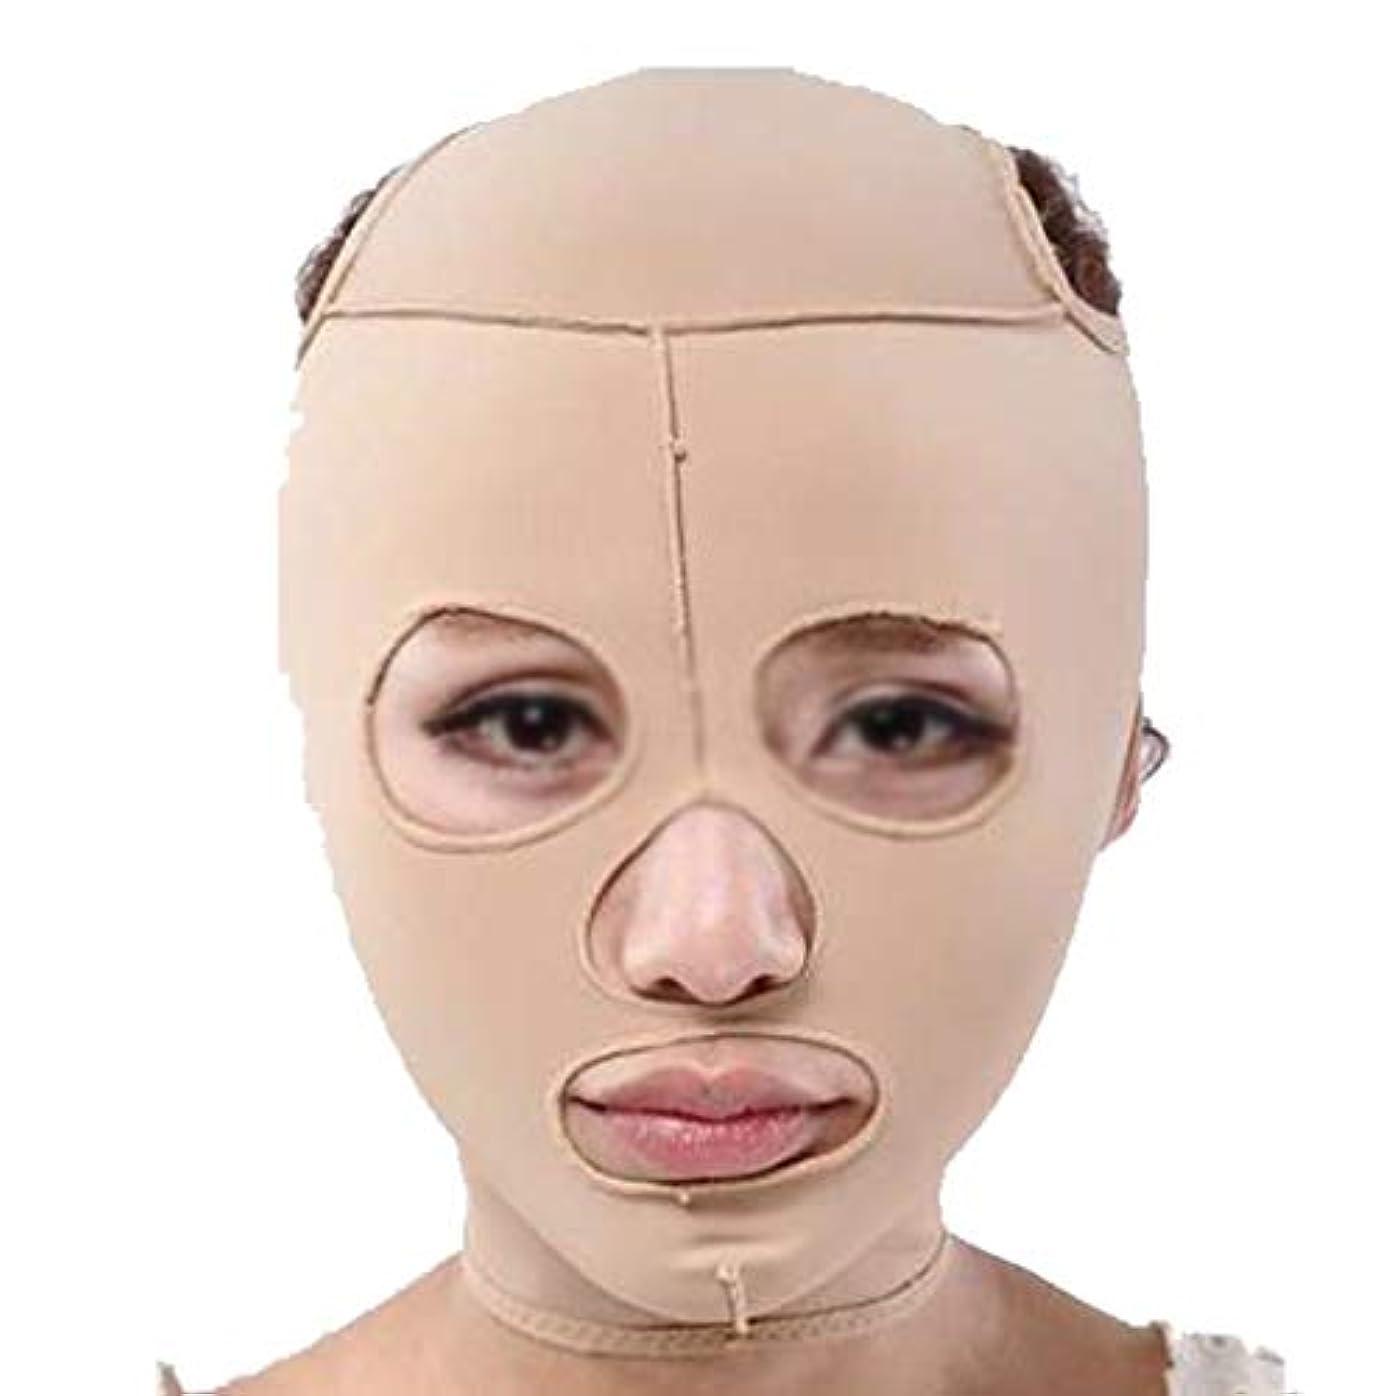 強度祈りメロドラマZWBD フェイスマスク, フェイスコレクター男性と女性のフェイスリフティングマスクマスクバンデージリフティングスモールVフェイスリフティング引き締めダブルチン